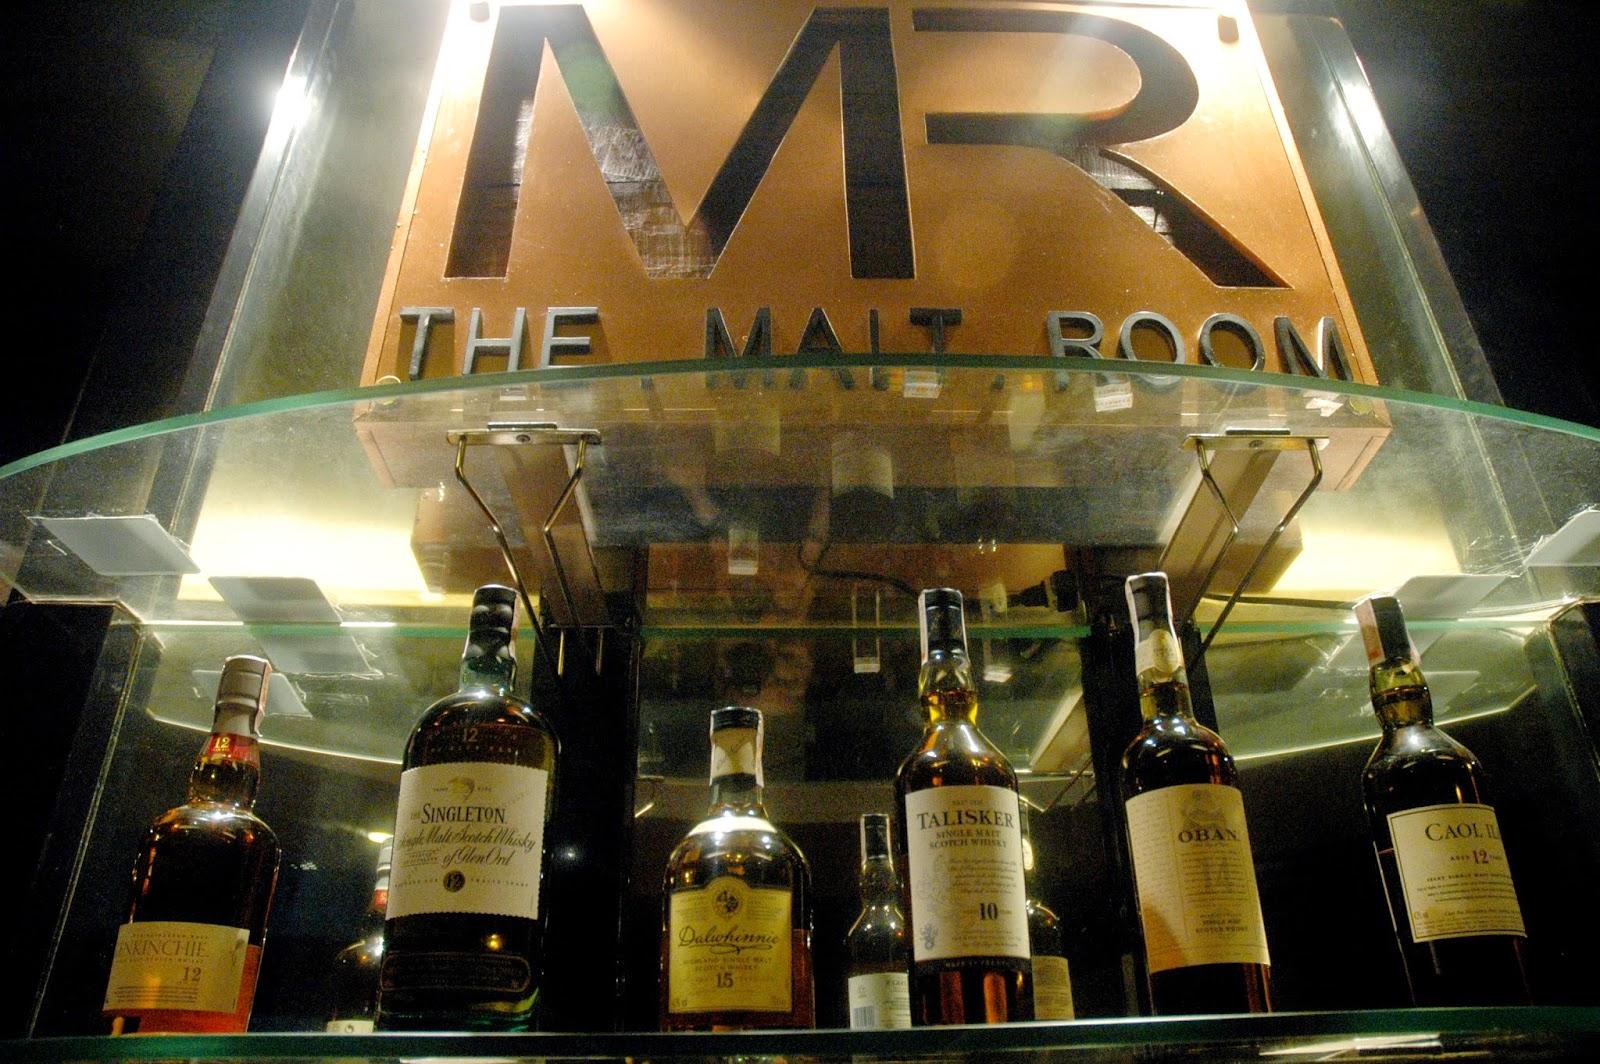 Malt Room Quezon City Menu